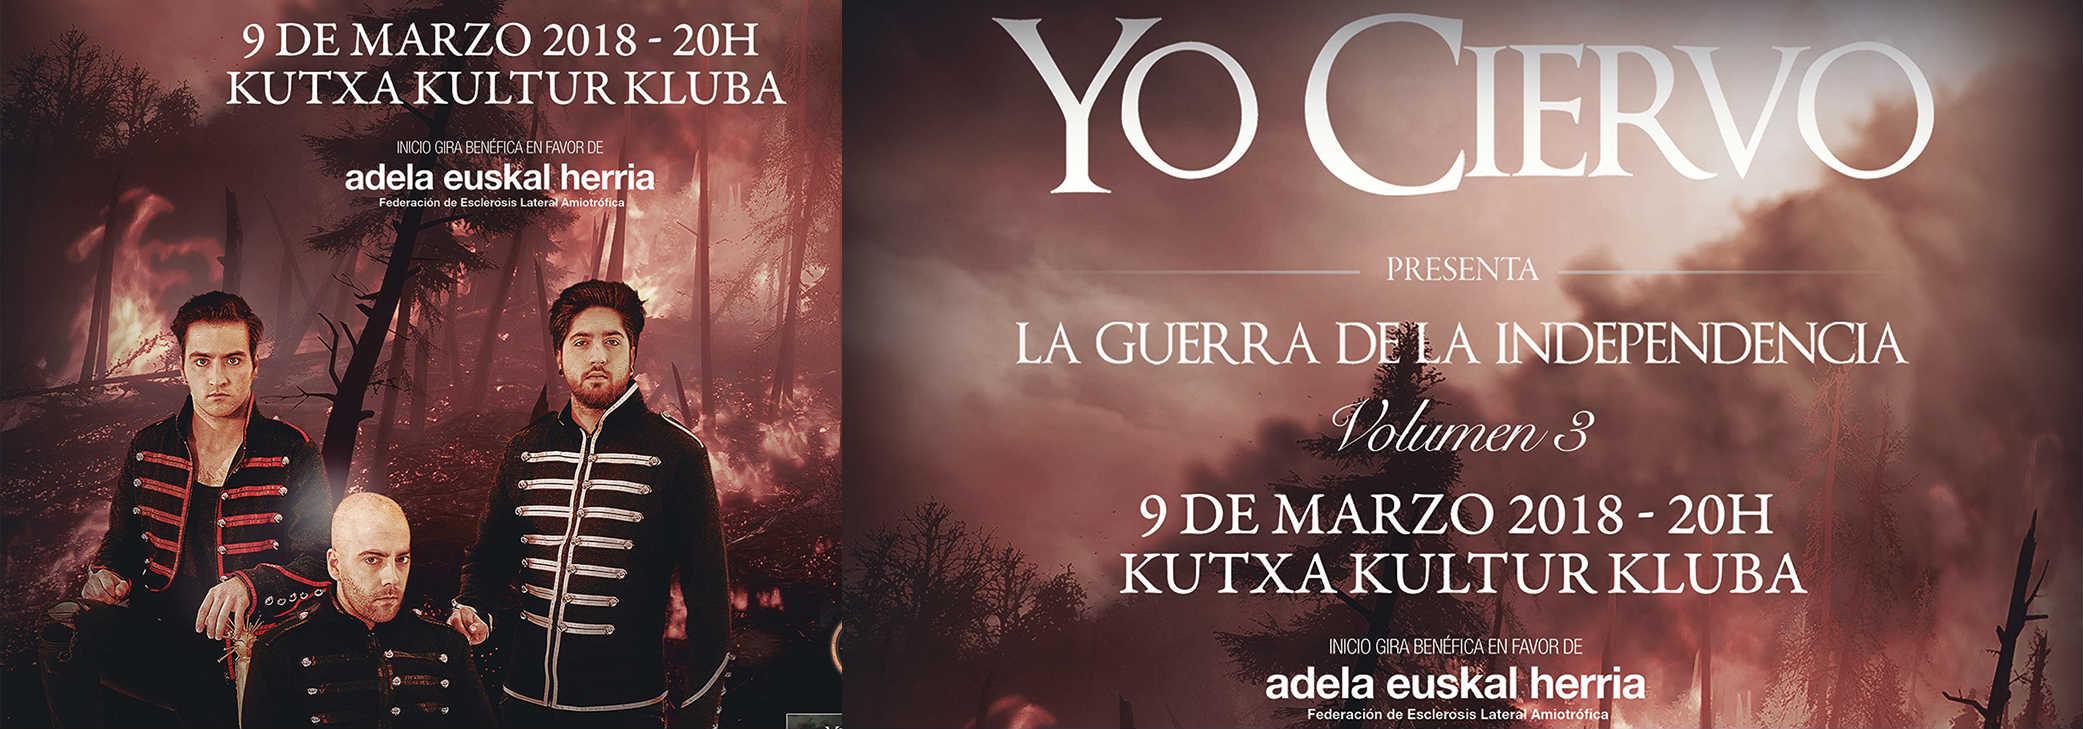 'YO CIERVO' y su gira en pro de los enfermos/as de ELA